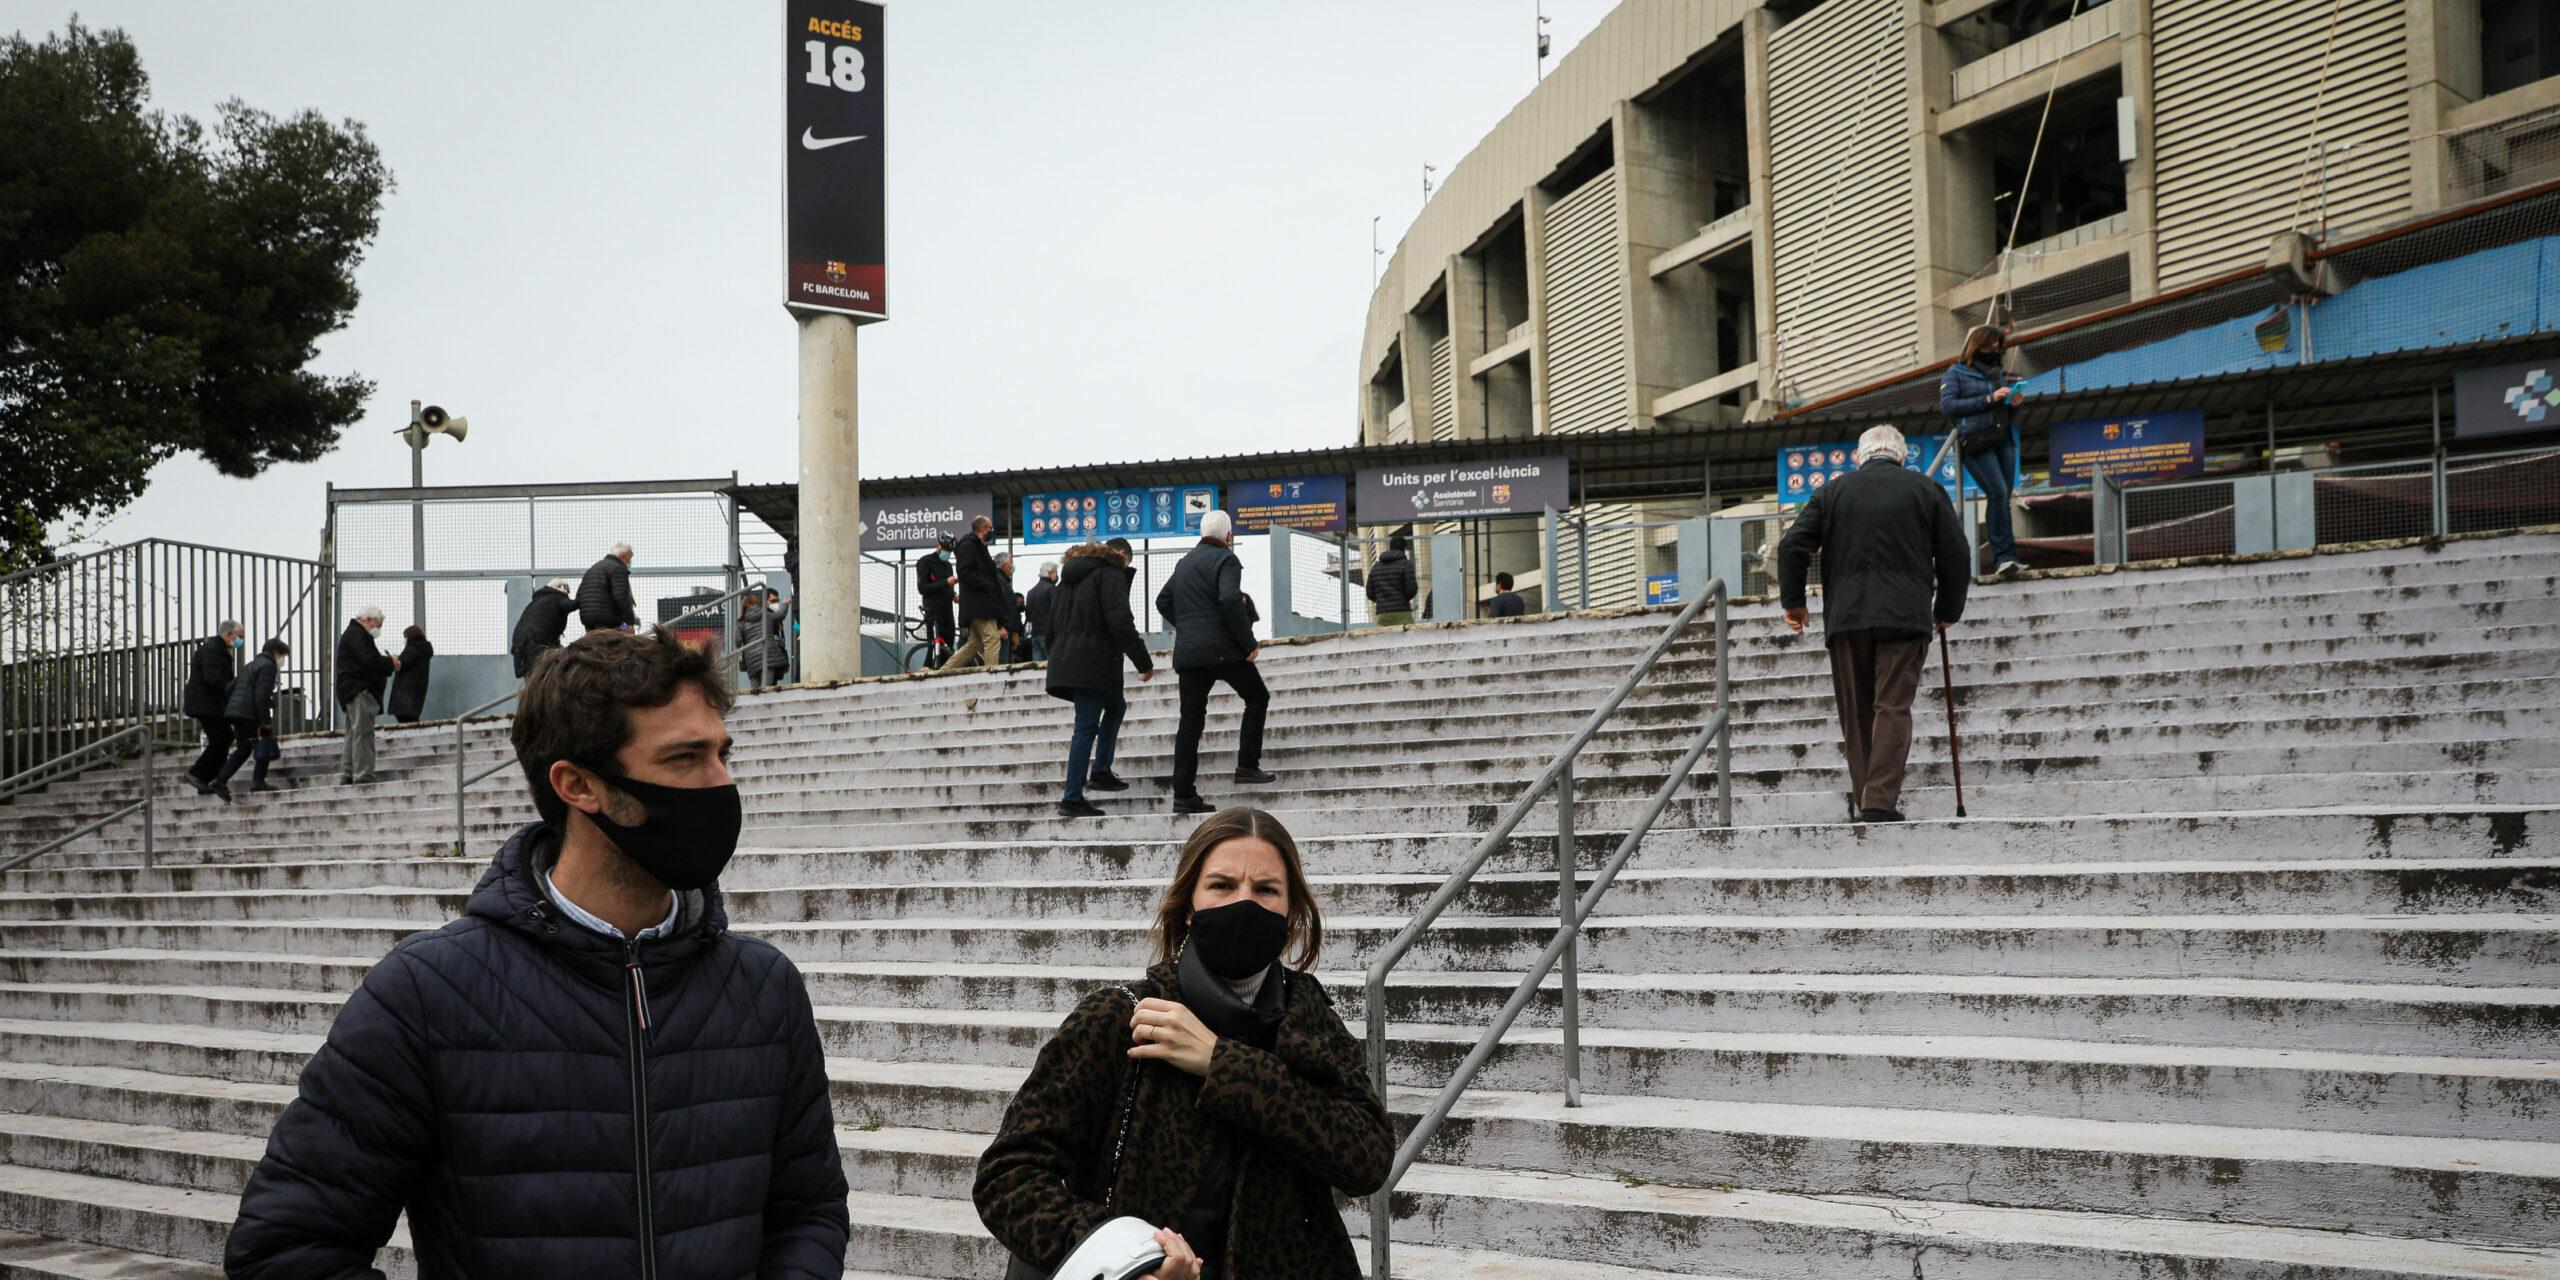 L'entrada de l'esplanada del Camp Nou | Jordi Borràs